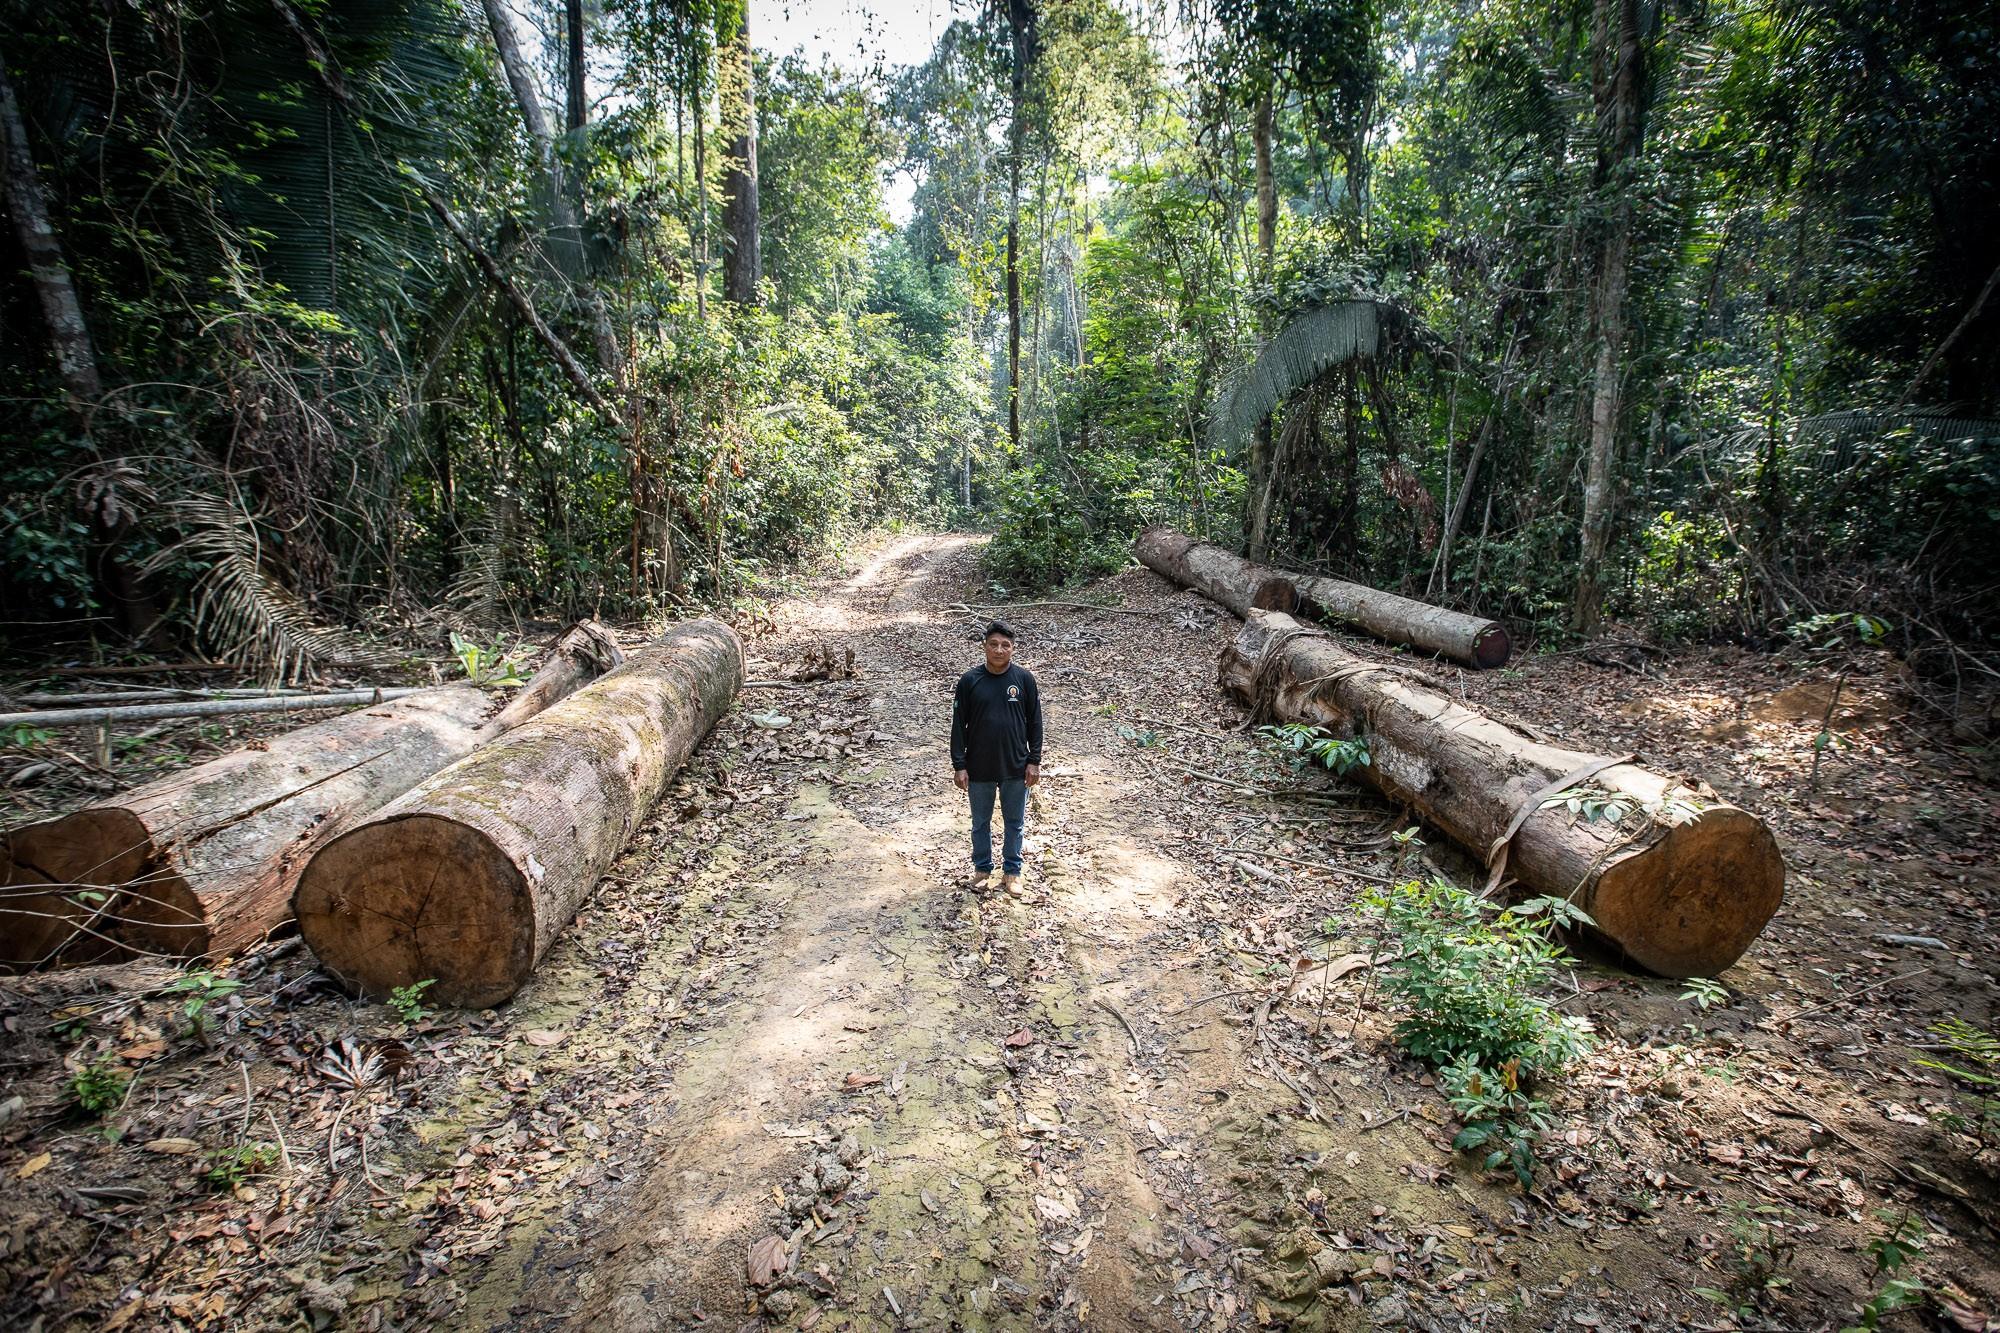 Entidades temem avanço de grileiros em terras indígenas e disseminação de coronavírus